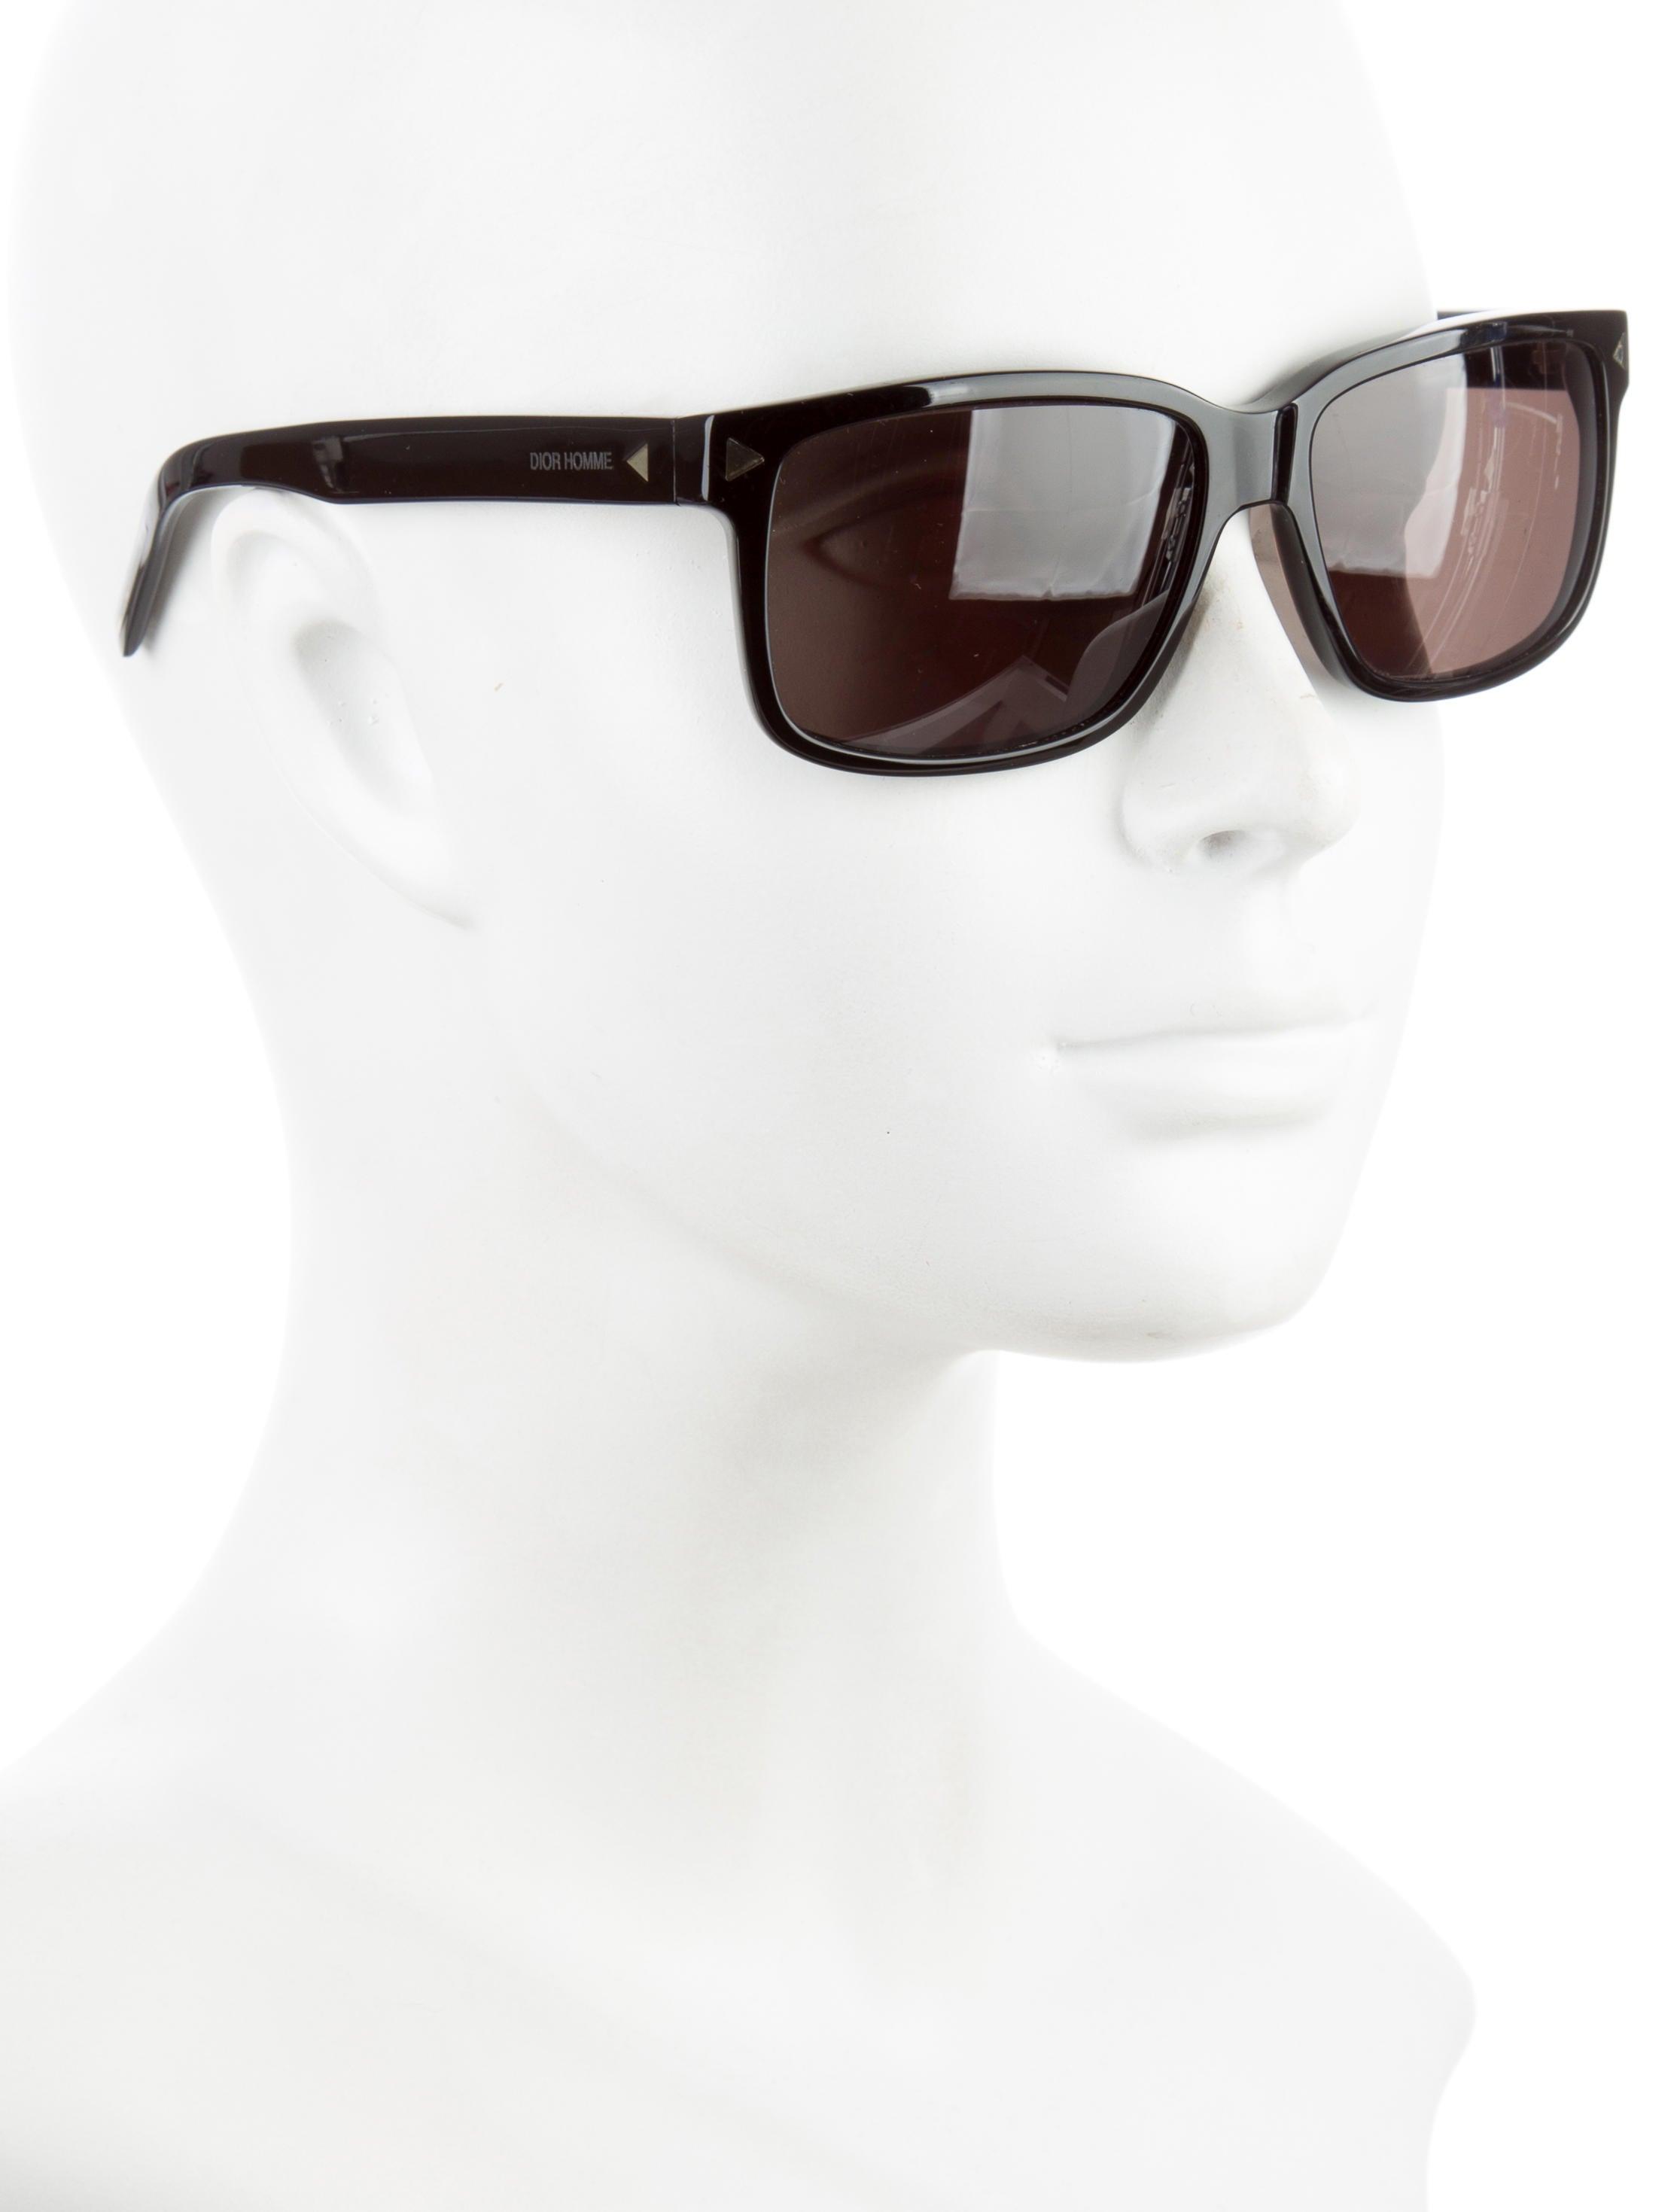 e471f3abbc Dior Homme Sunglasses Case